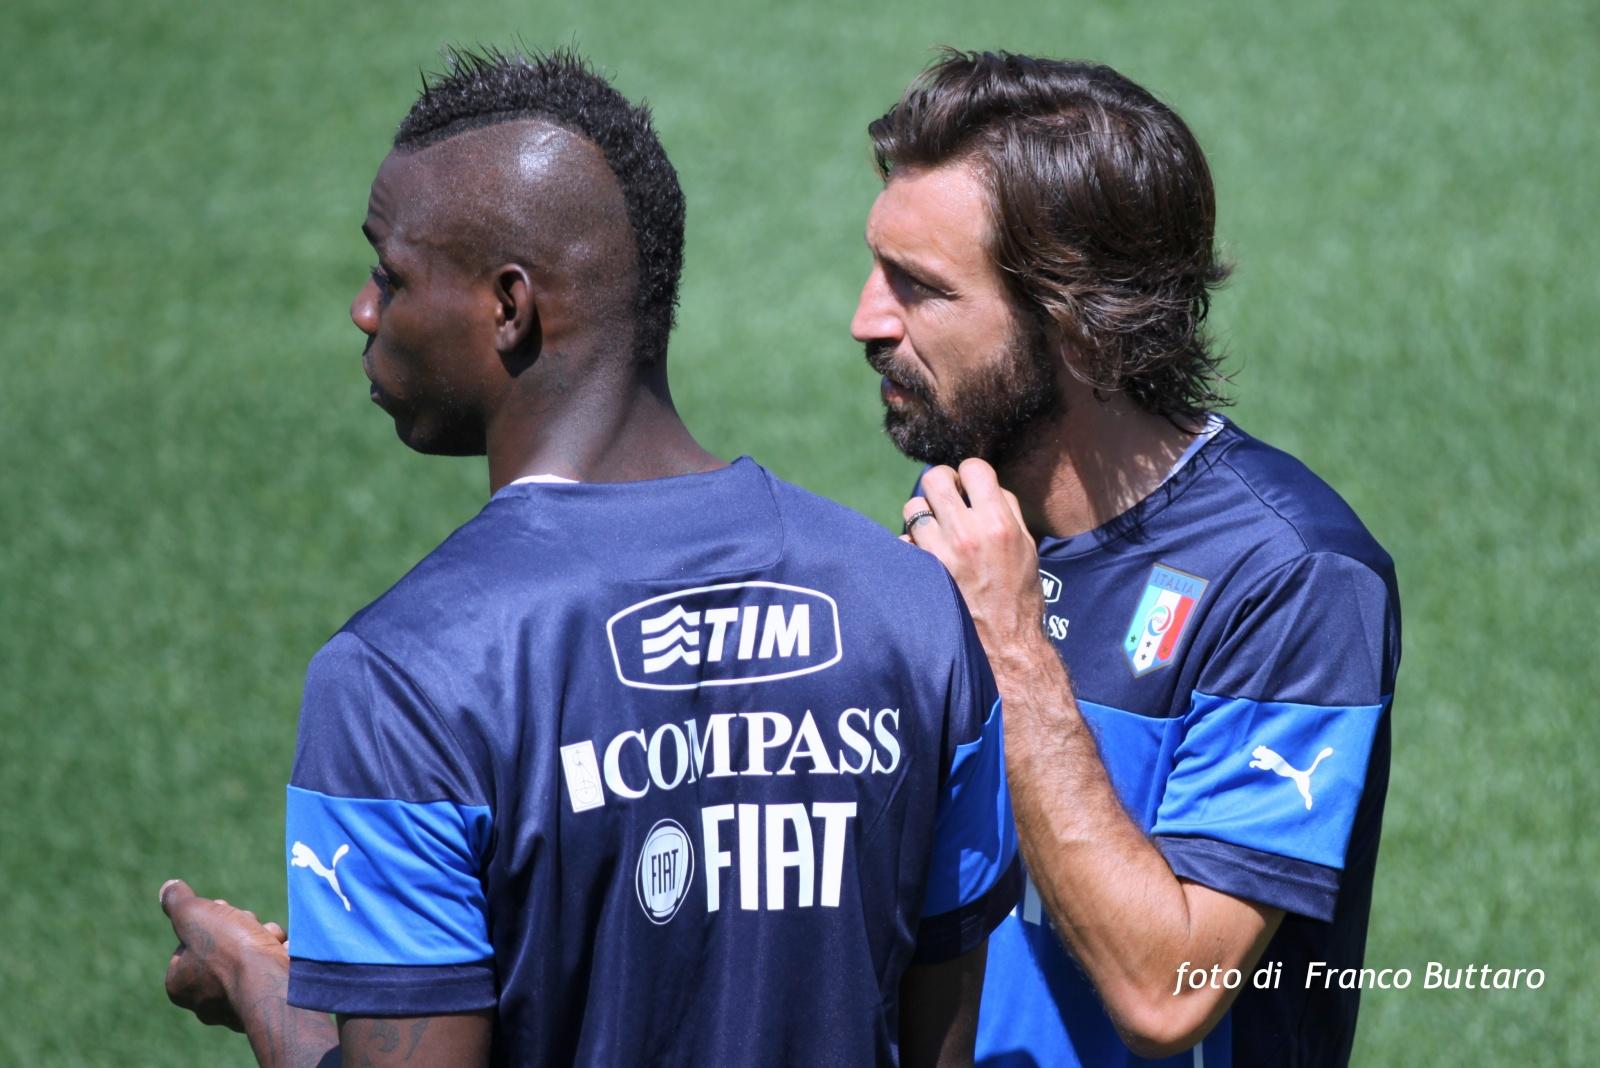 Calcio - Italia - Ritiro pre-mondiale 2014